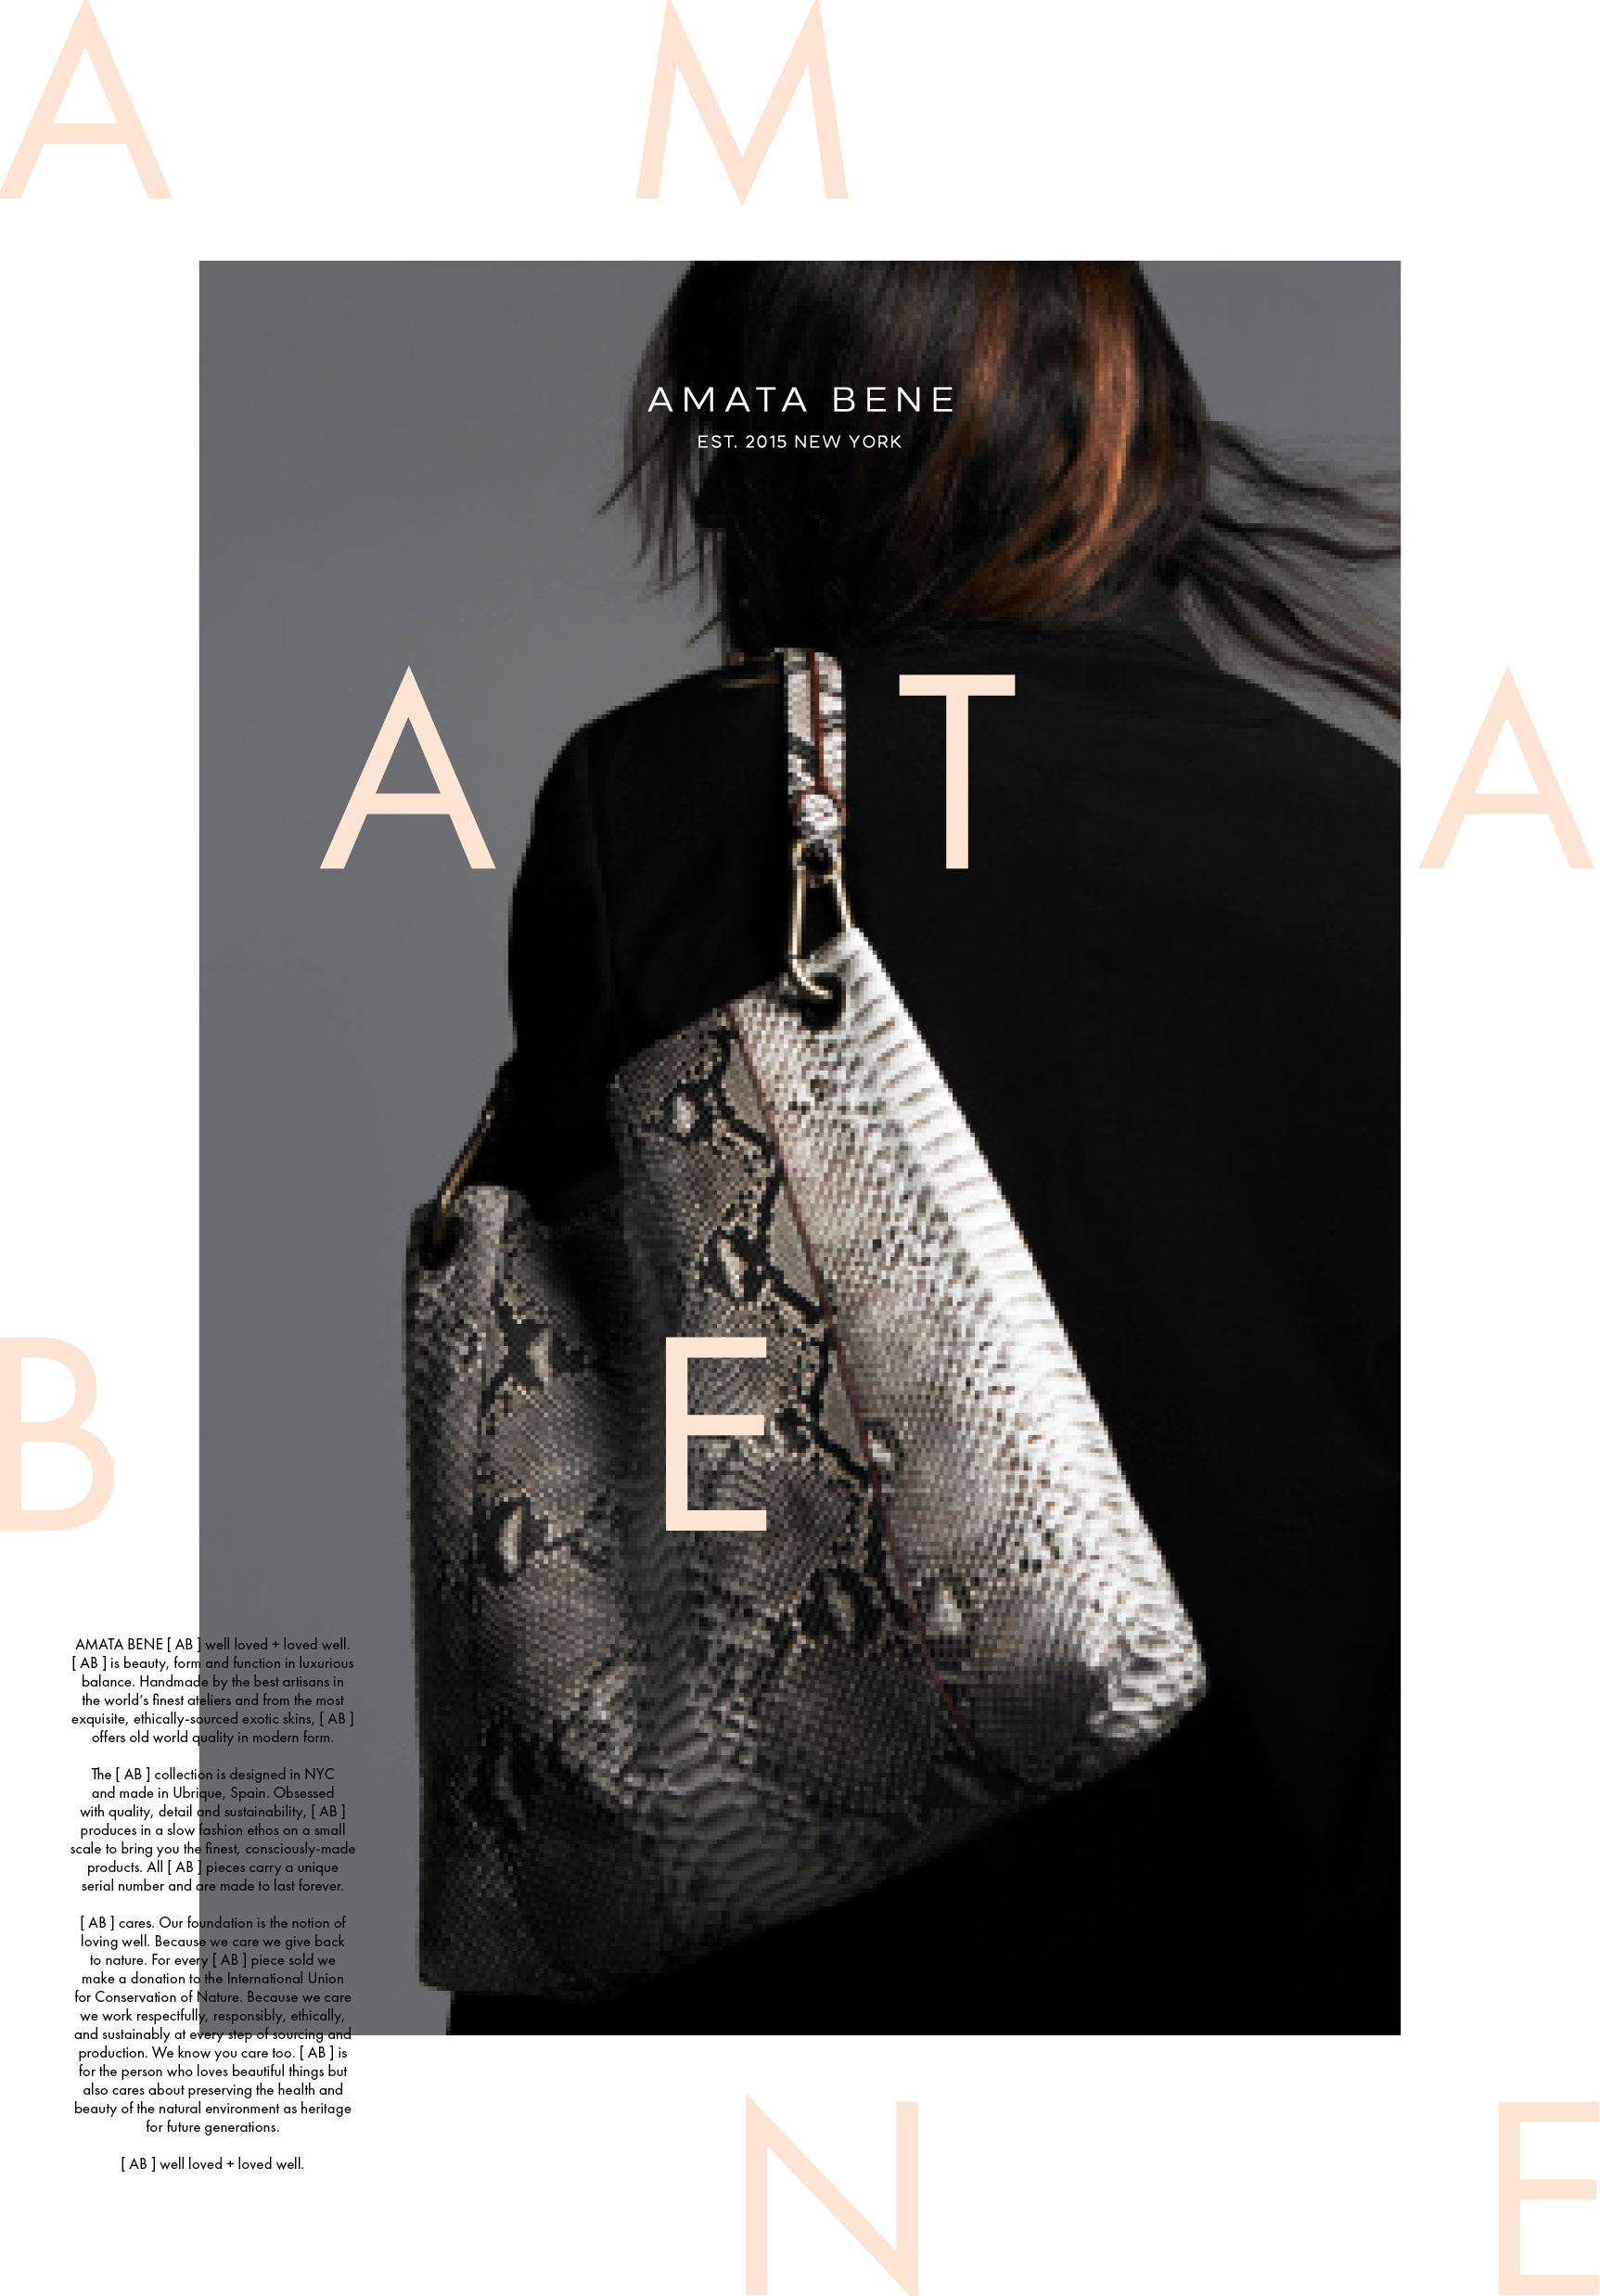 AMATA_BENE_Poster.jpg